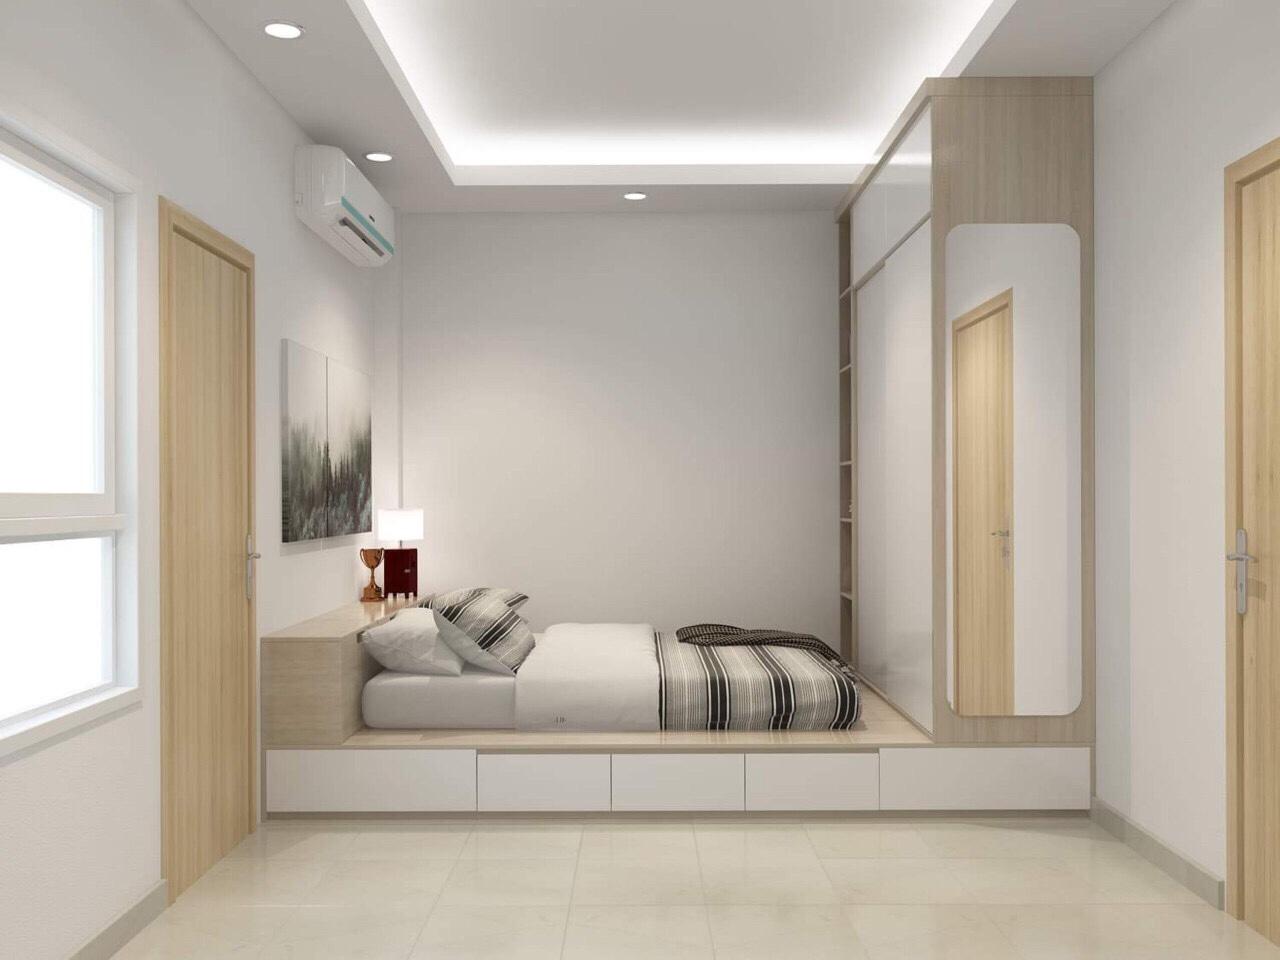 Giường Giật Cấp - Mẫu Giường Ngủ Giật Cấp Đẹp Hiện Đại